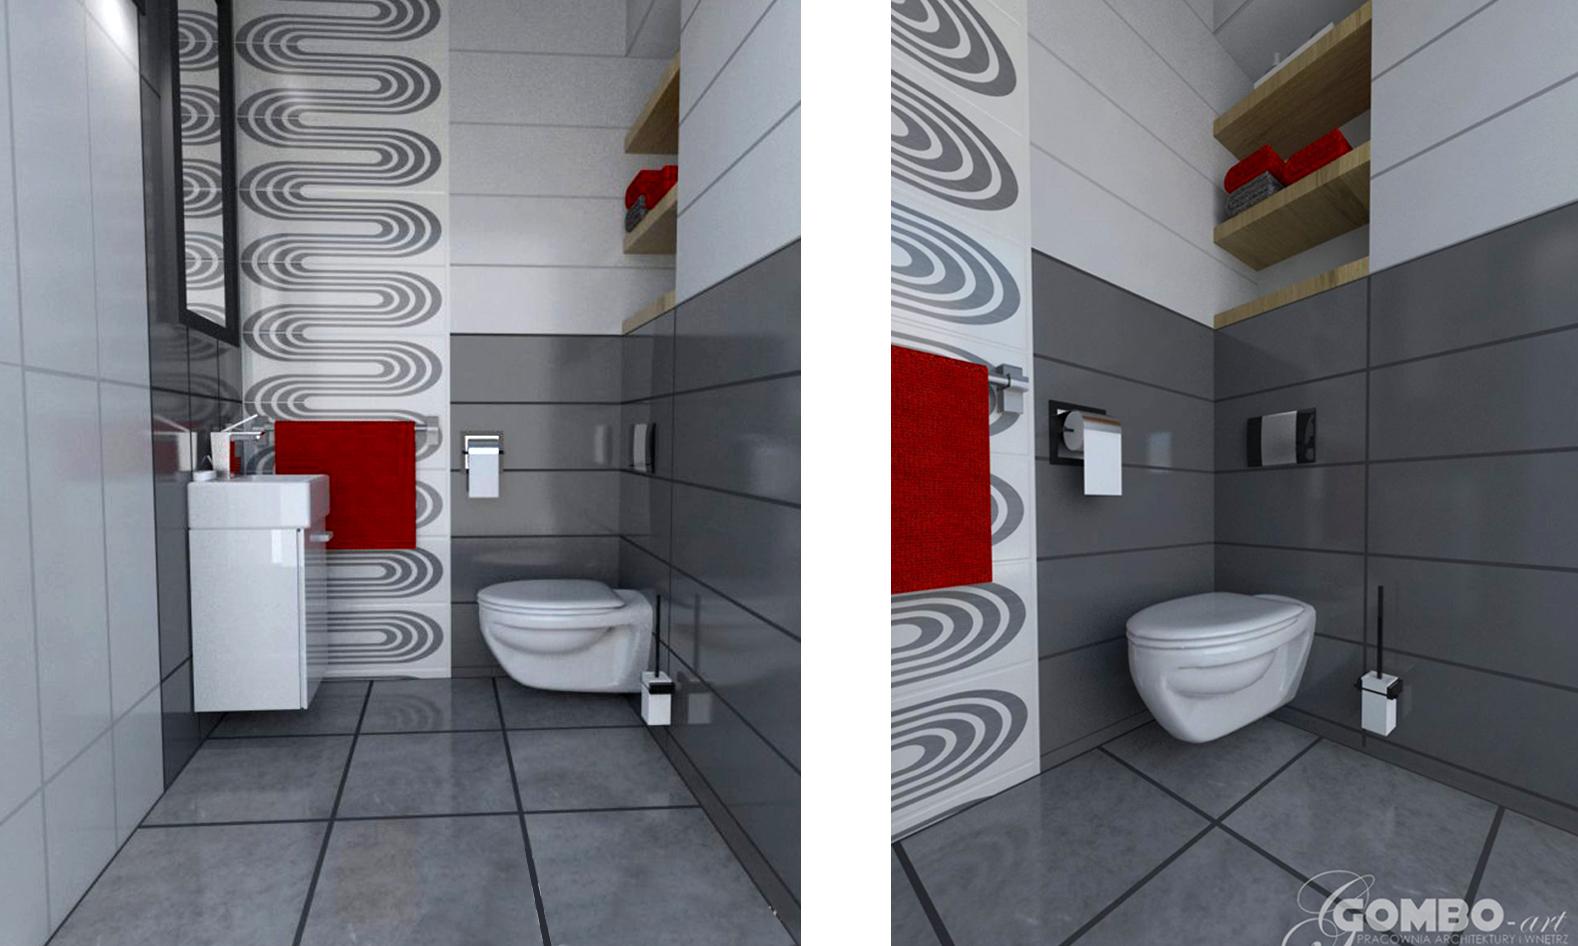 Jak zaaranżować / zaprojektować małą toaletę? Projekt małego wc.